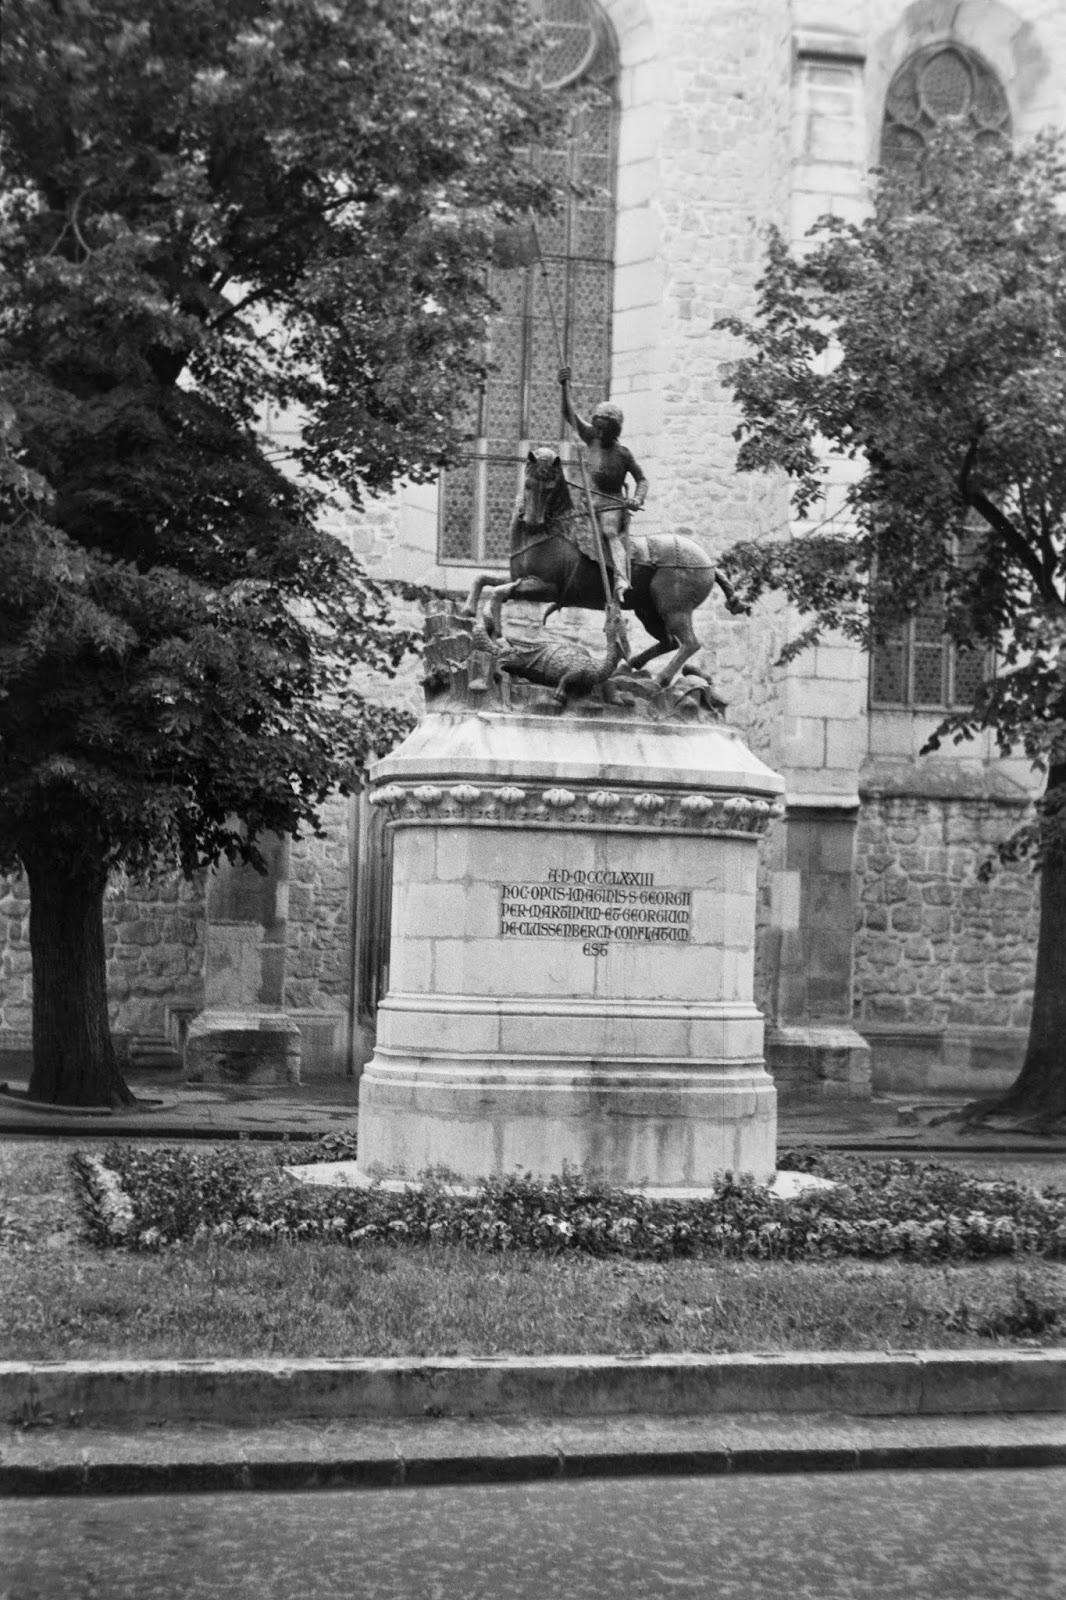 novella, Kolozsvár, Mátyás király, New York kávéház, Házsongárdi temető, Botanikus kert,